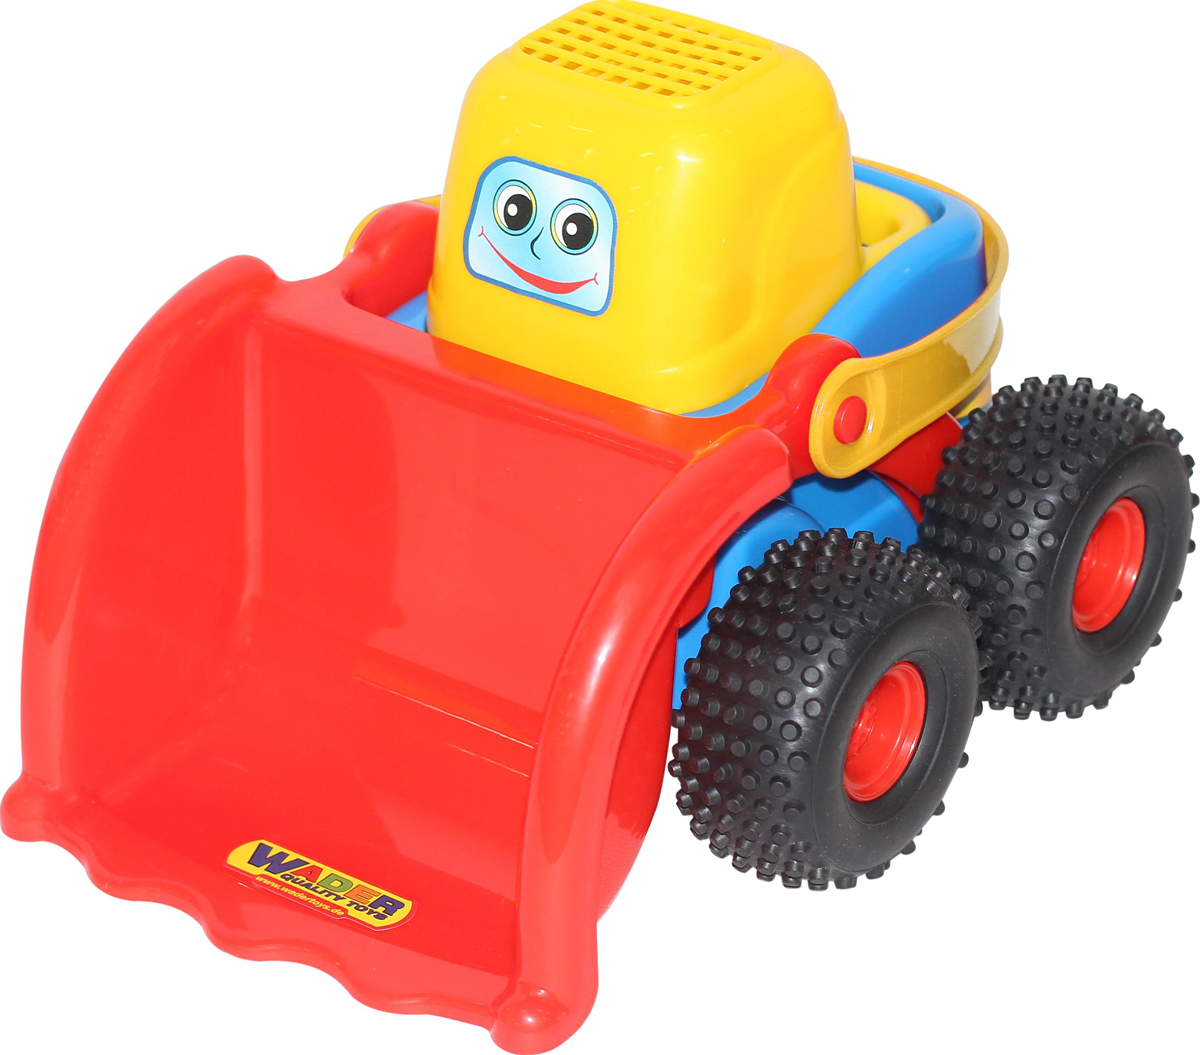 Полесье Трактор-погрузчик Чип-макси полесье полесье игровой набор mammoet volvo автомобиль трейлер и трактор погрузчик